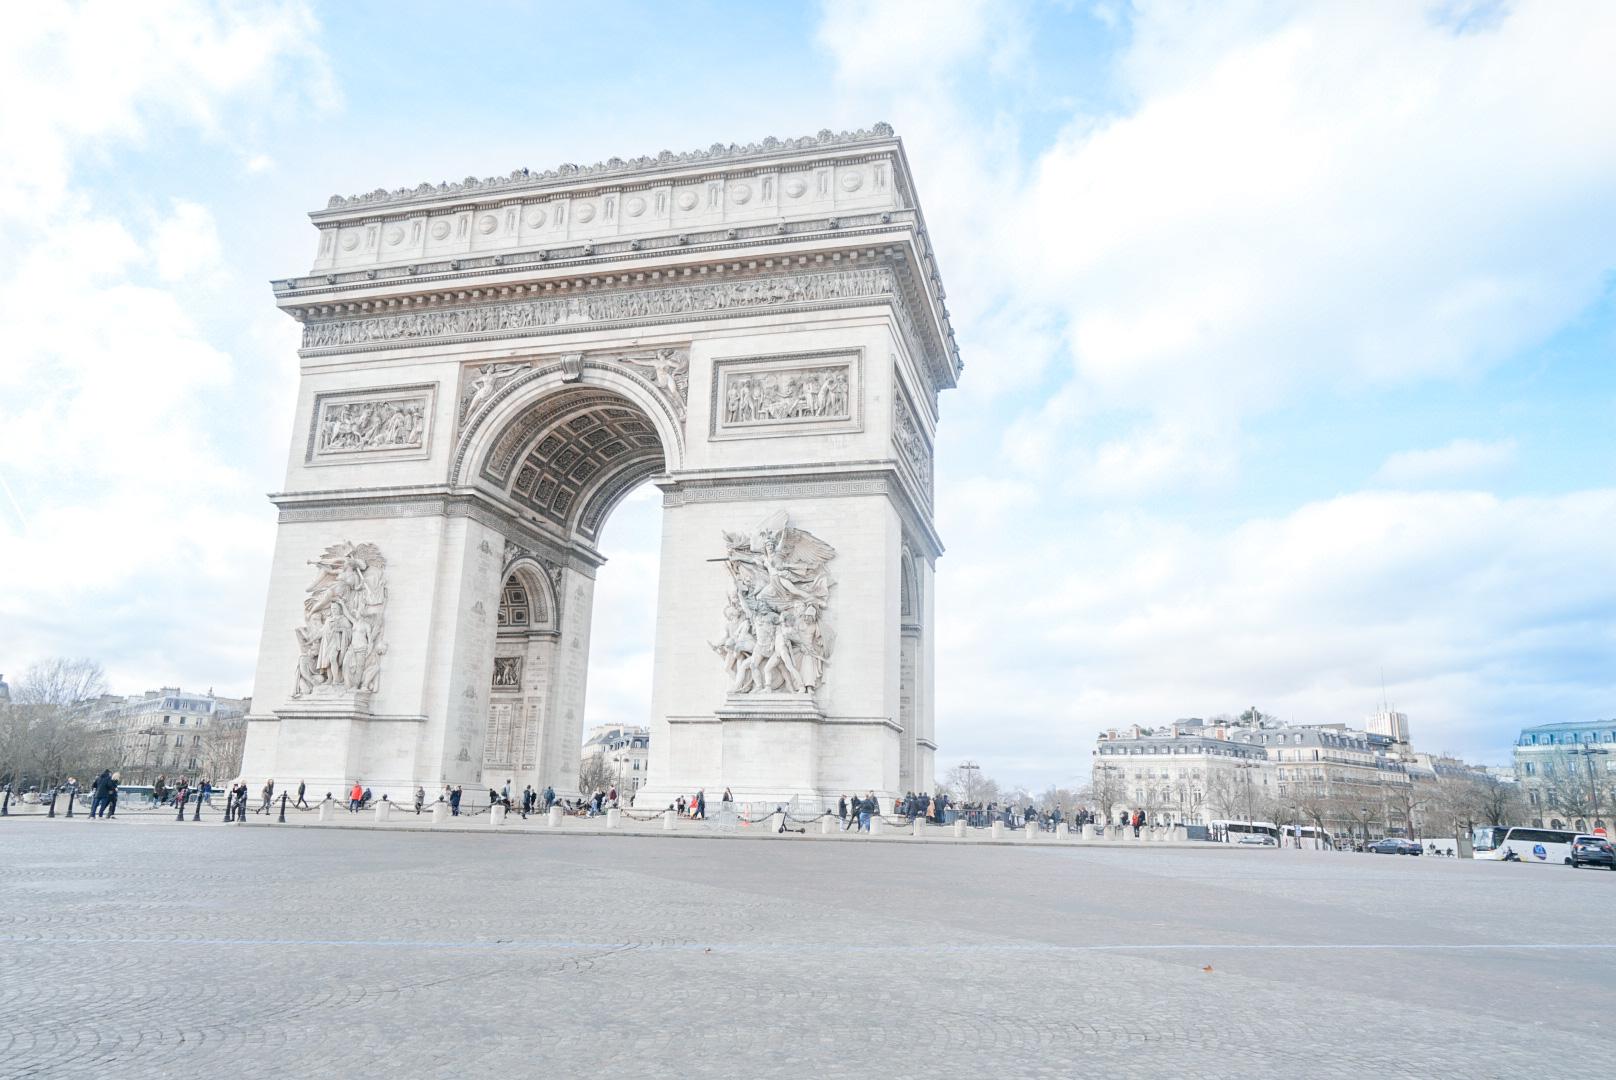 The Best Photo Spots in Paris